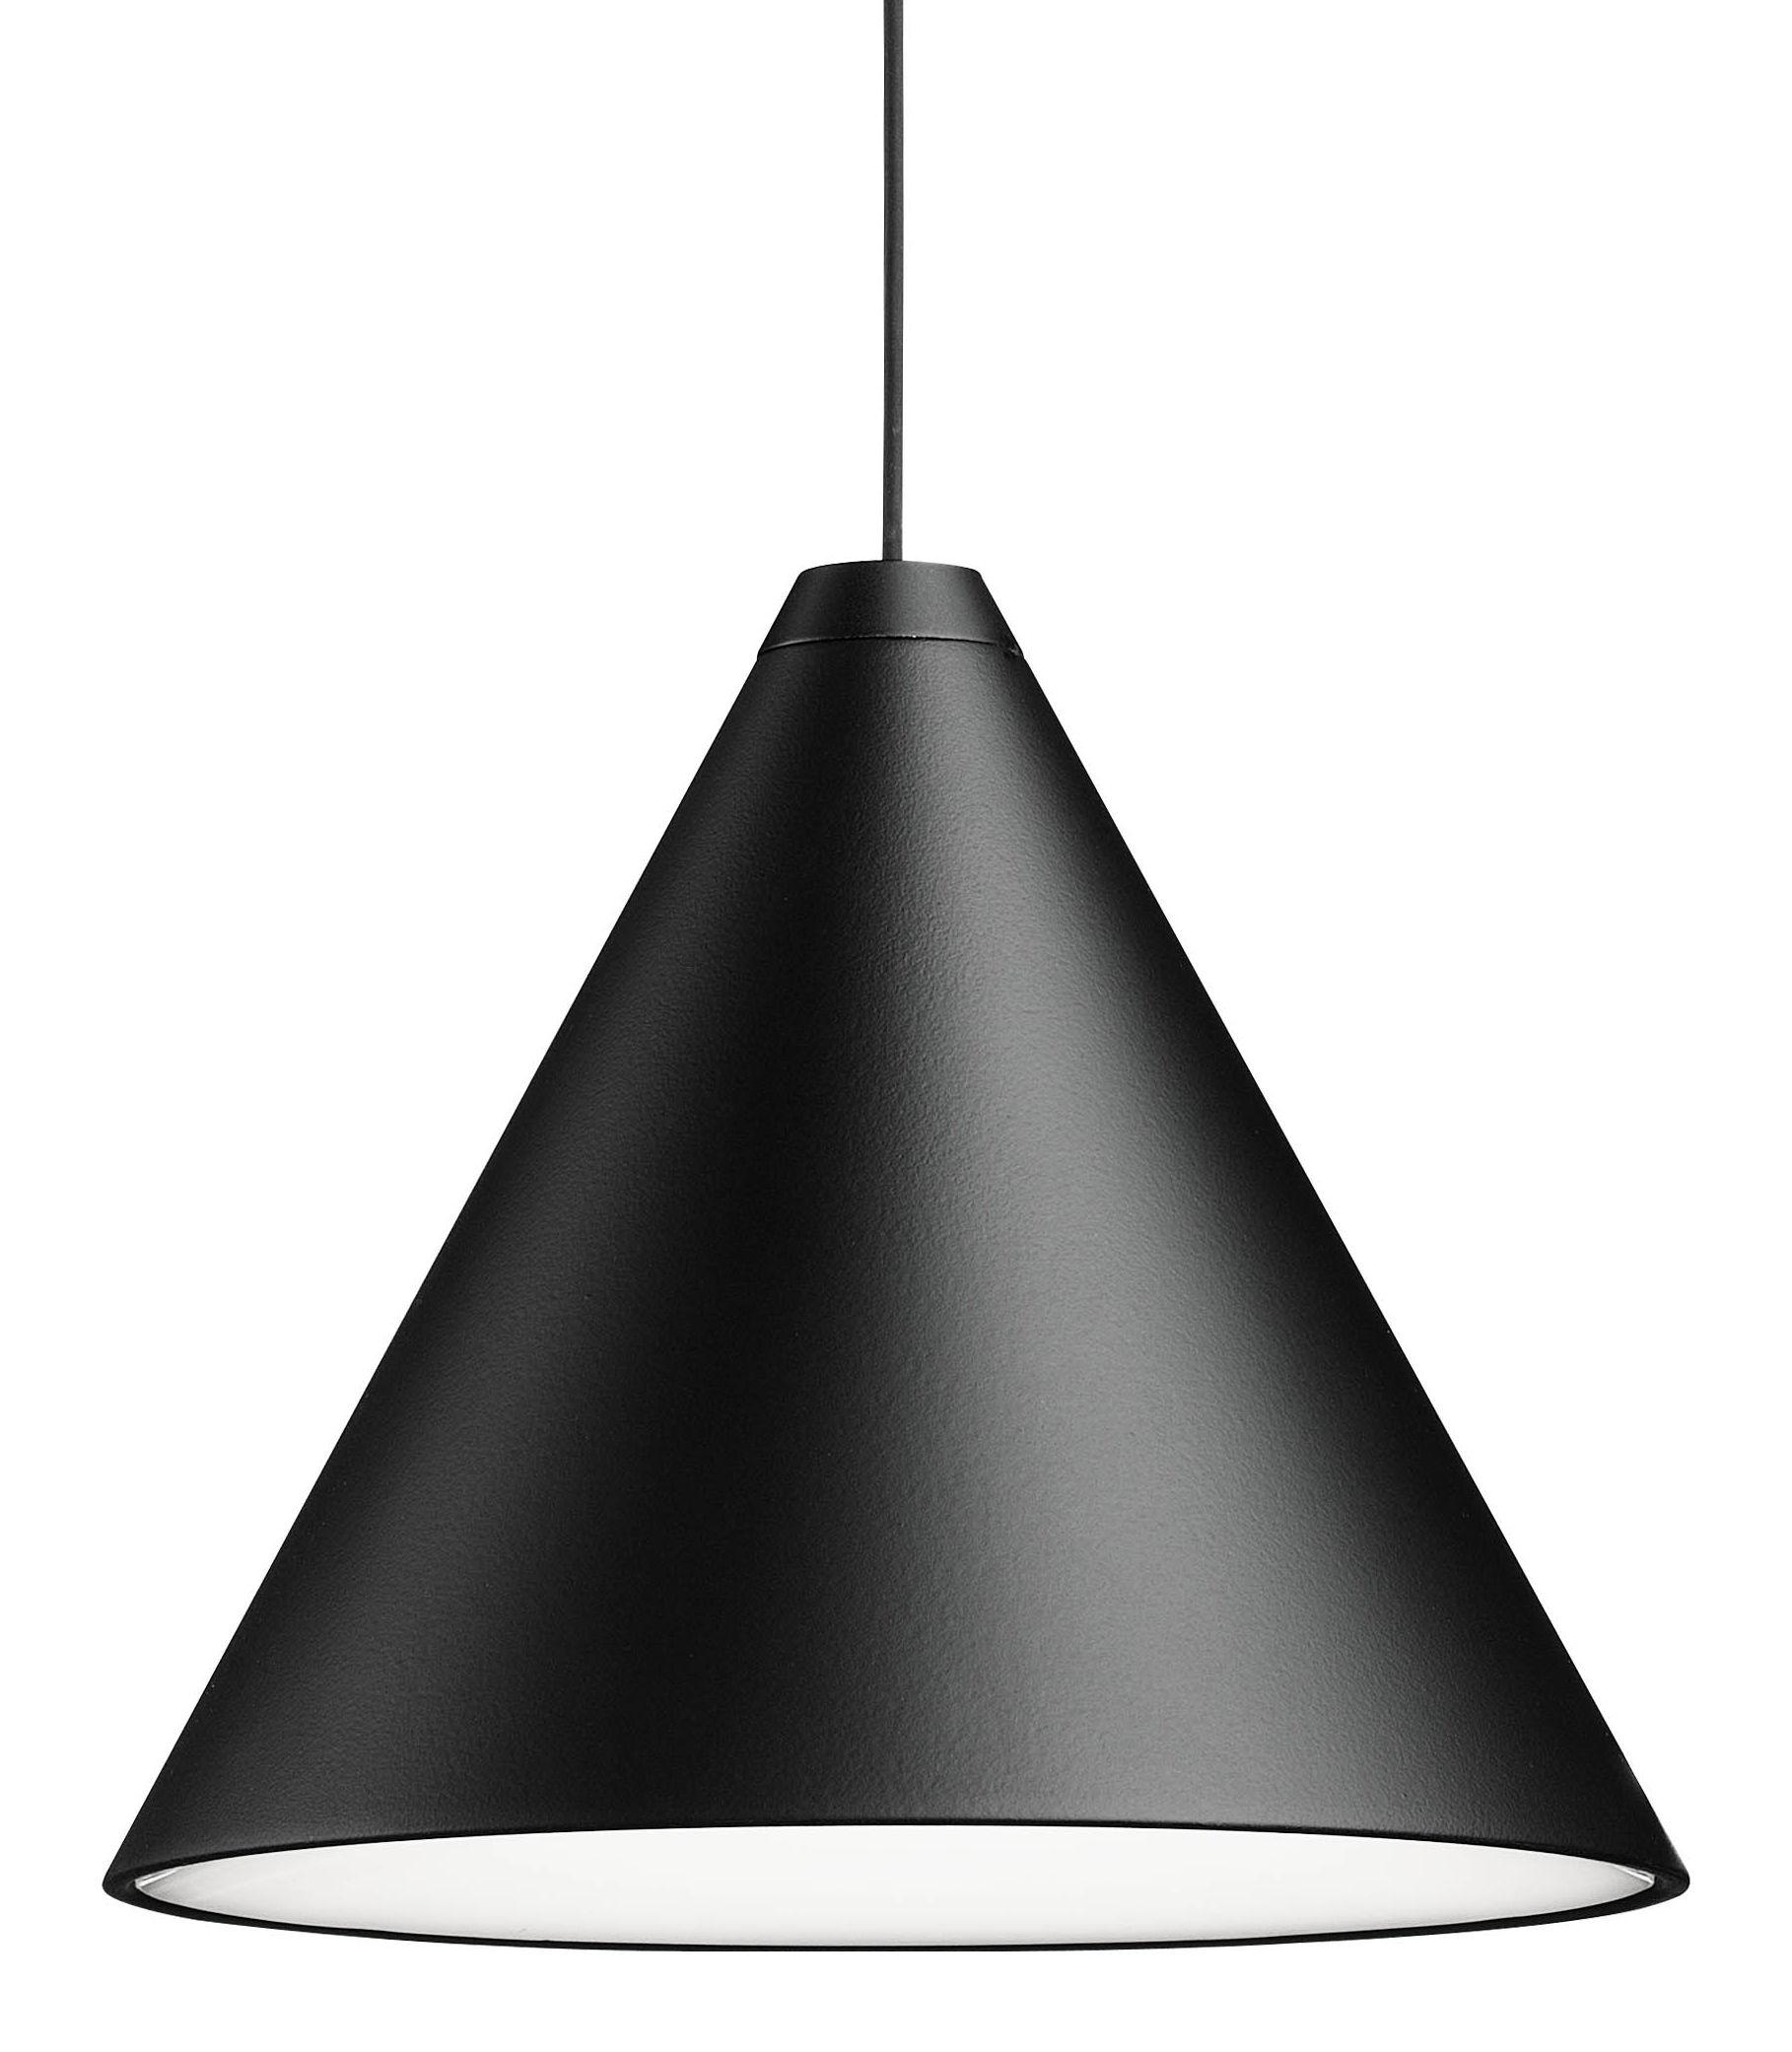 Luminaire - Suspensions - Suspension String Light Cone LED / Câble 12 mètres - Sans module électrique - Flos - Cône / Noir - Aluminium peint, Polycarbonate, Tissu